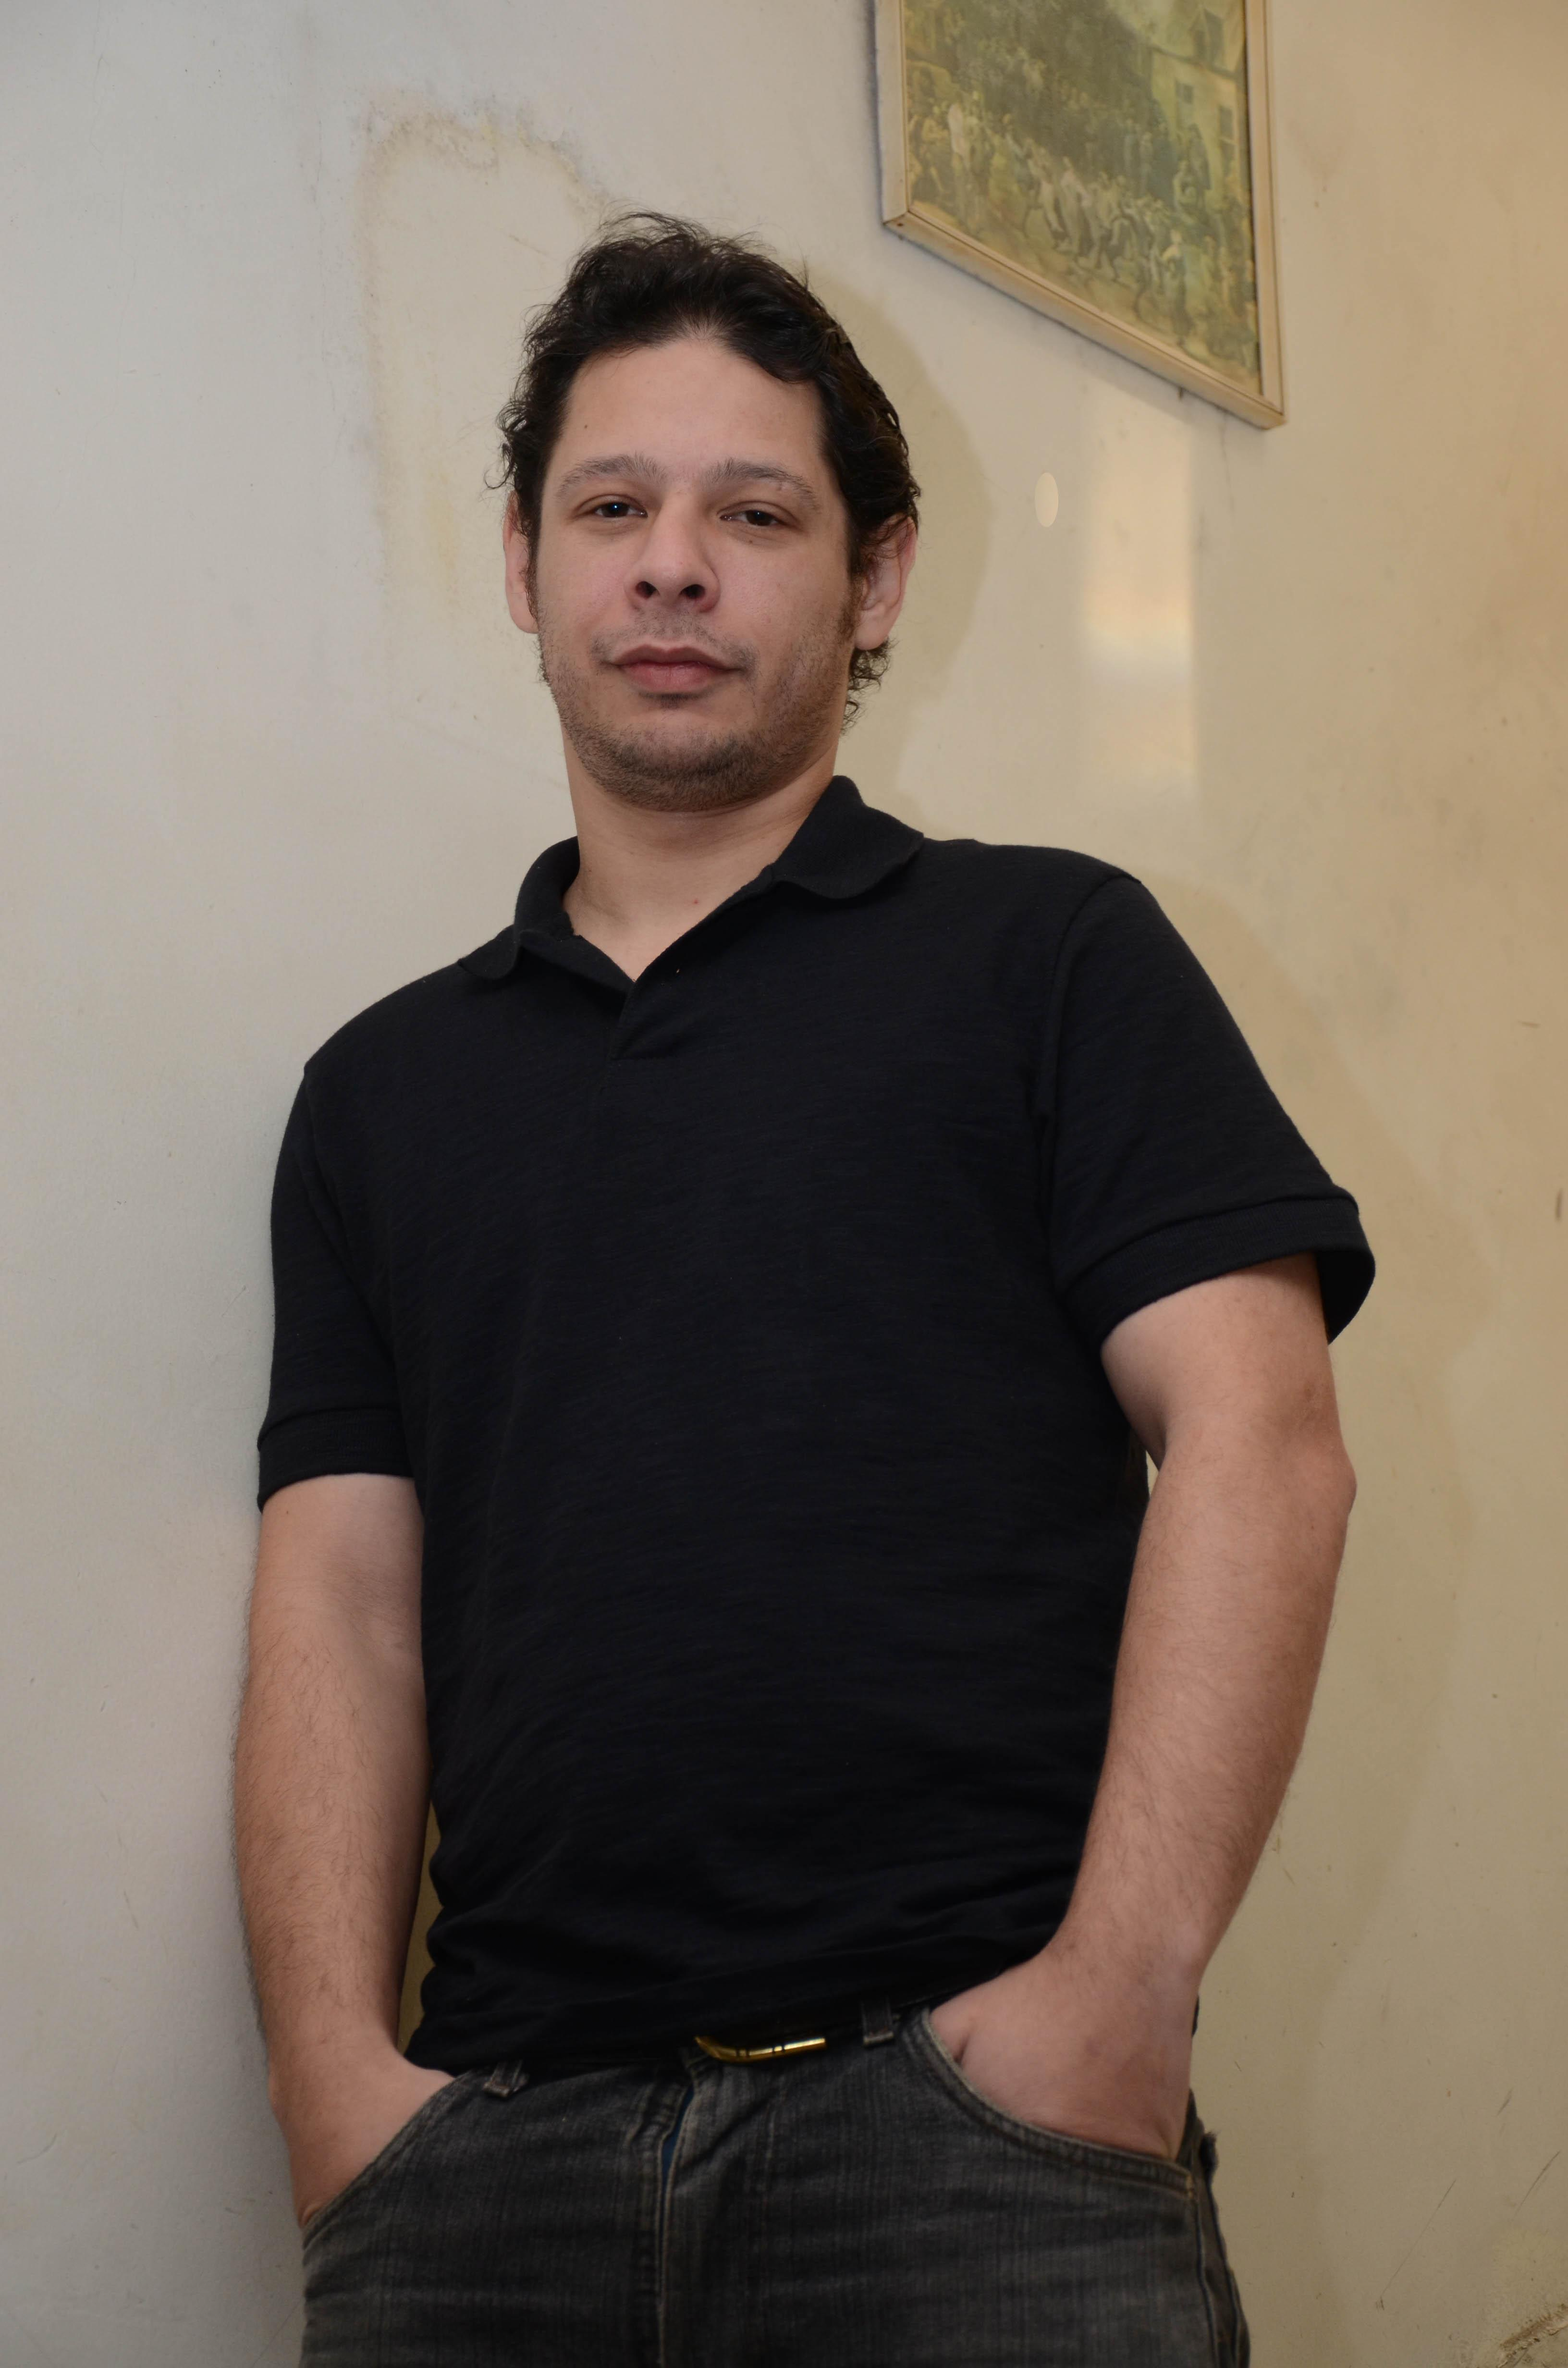 Renato Lourenco de Moraes